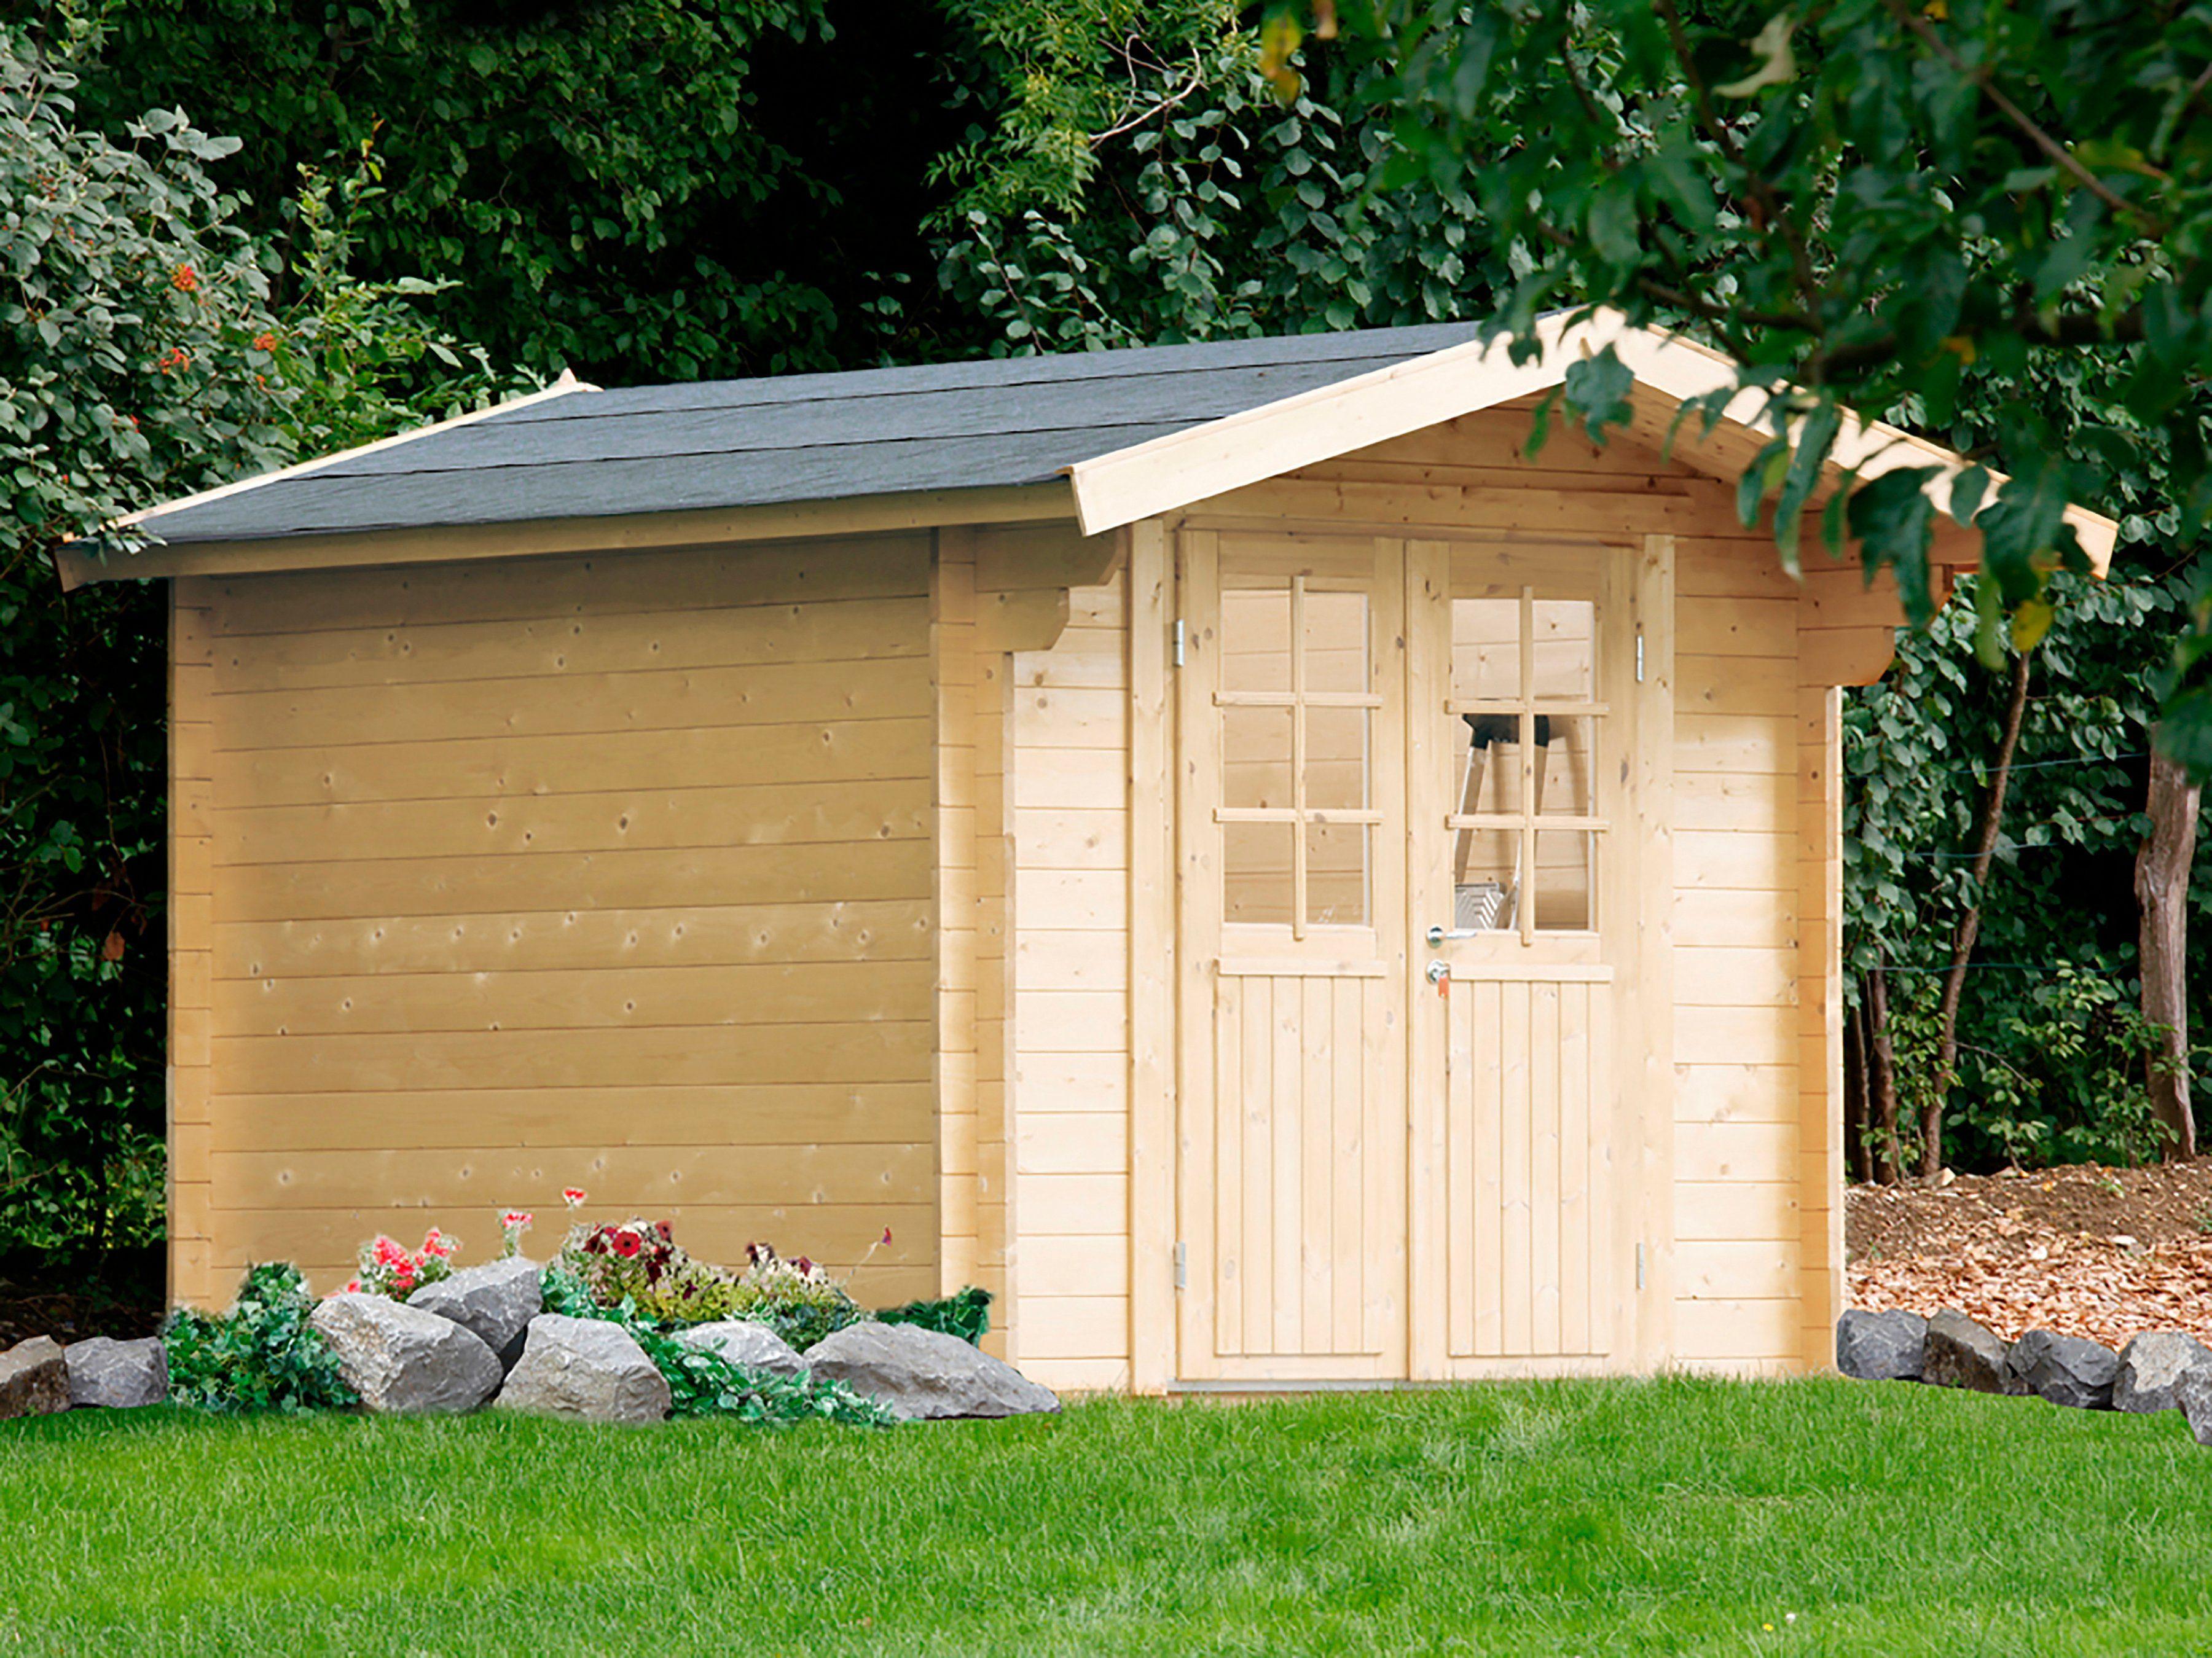 Fußboden Für Gartenhaus ~ Gartenhaus fußboden ebay kleinanzeigen